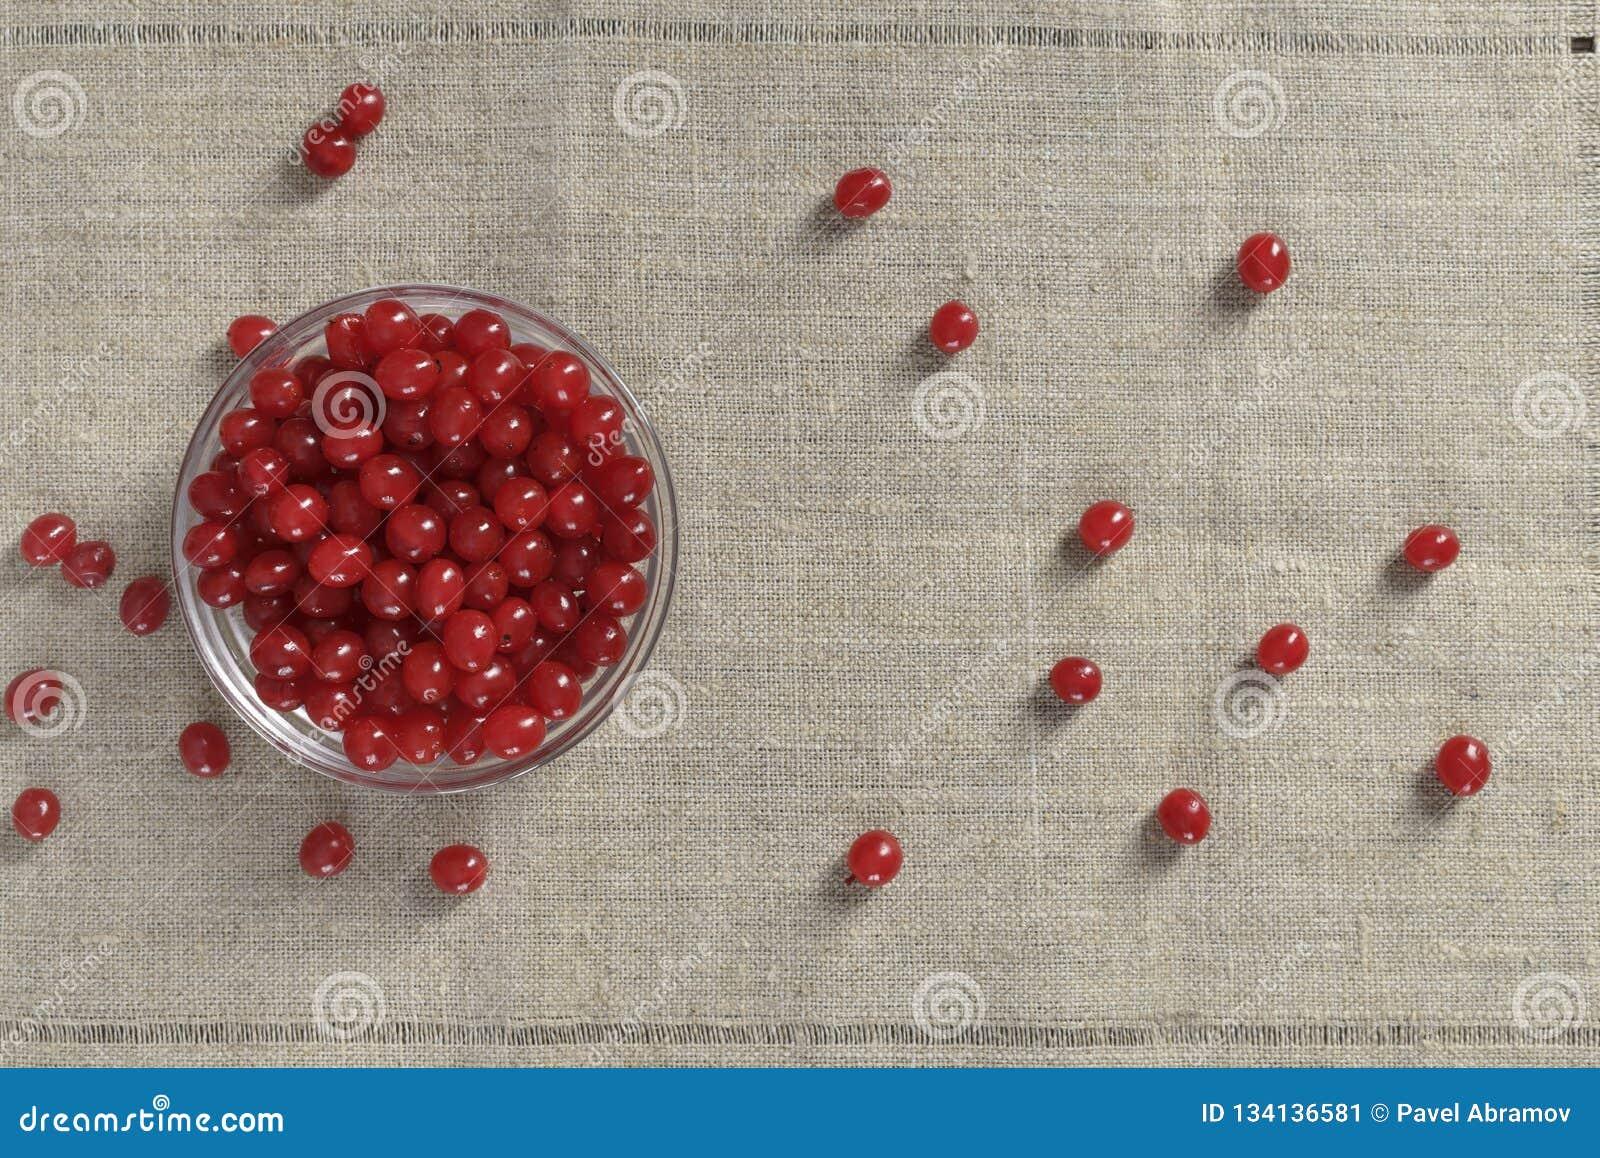 Baies rouges dans une tasse